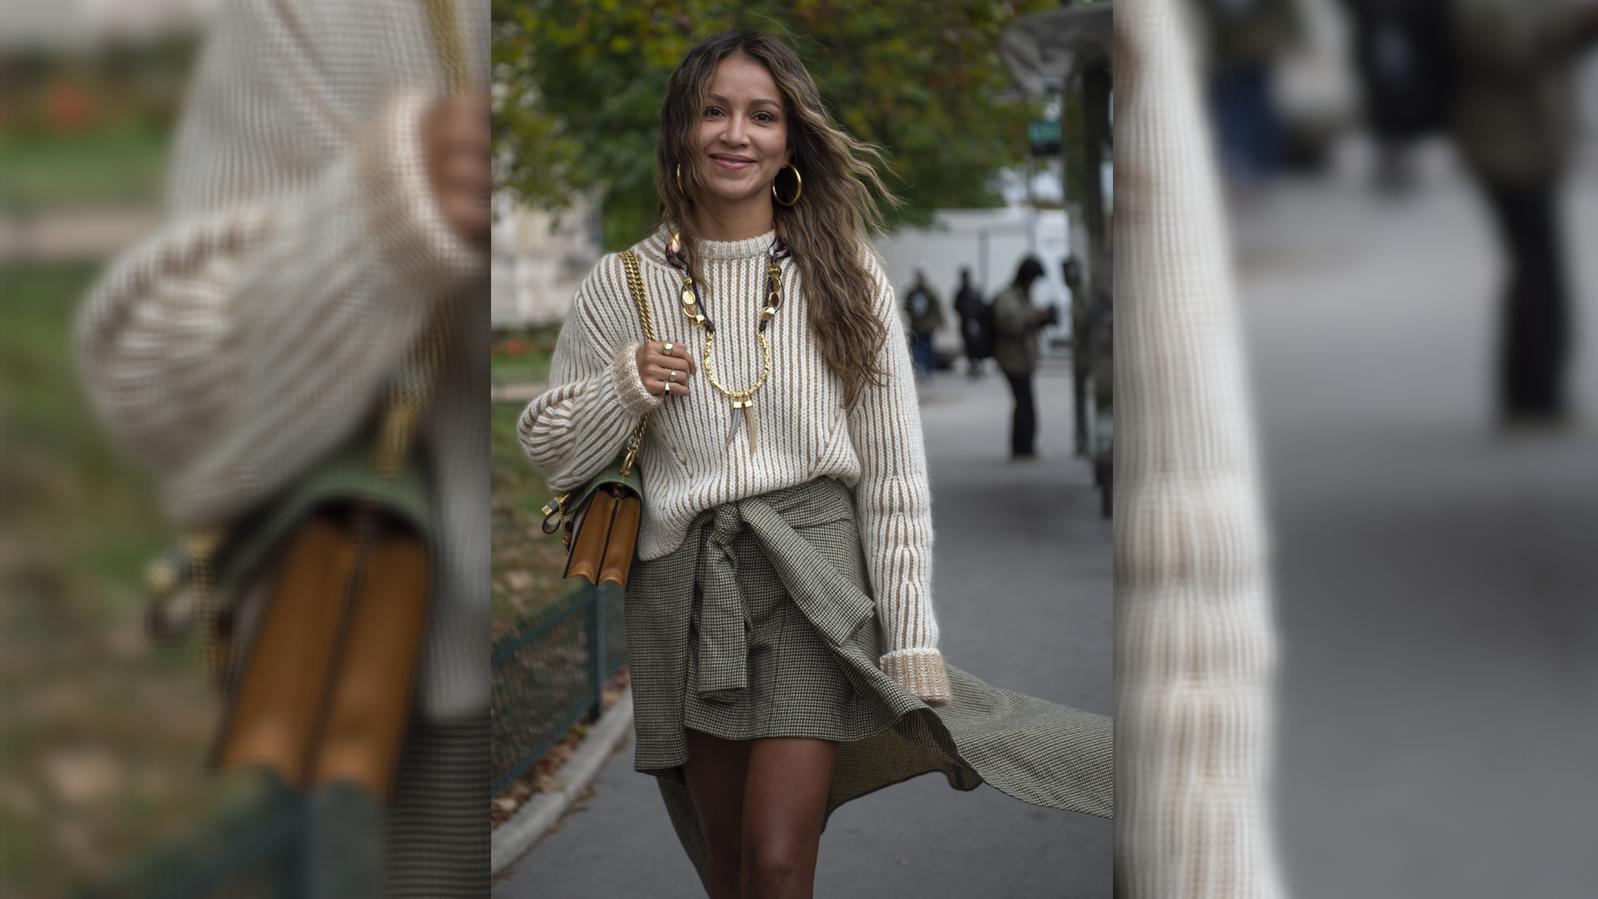 Bloggerin Julie Sariñana bei der Paris Fashion Week.